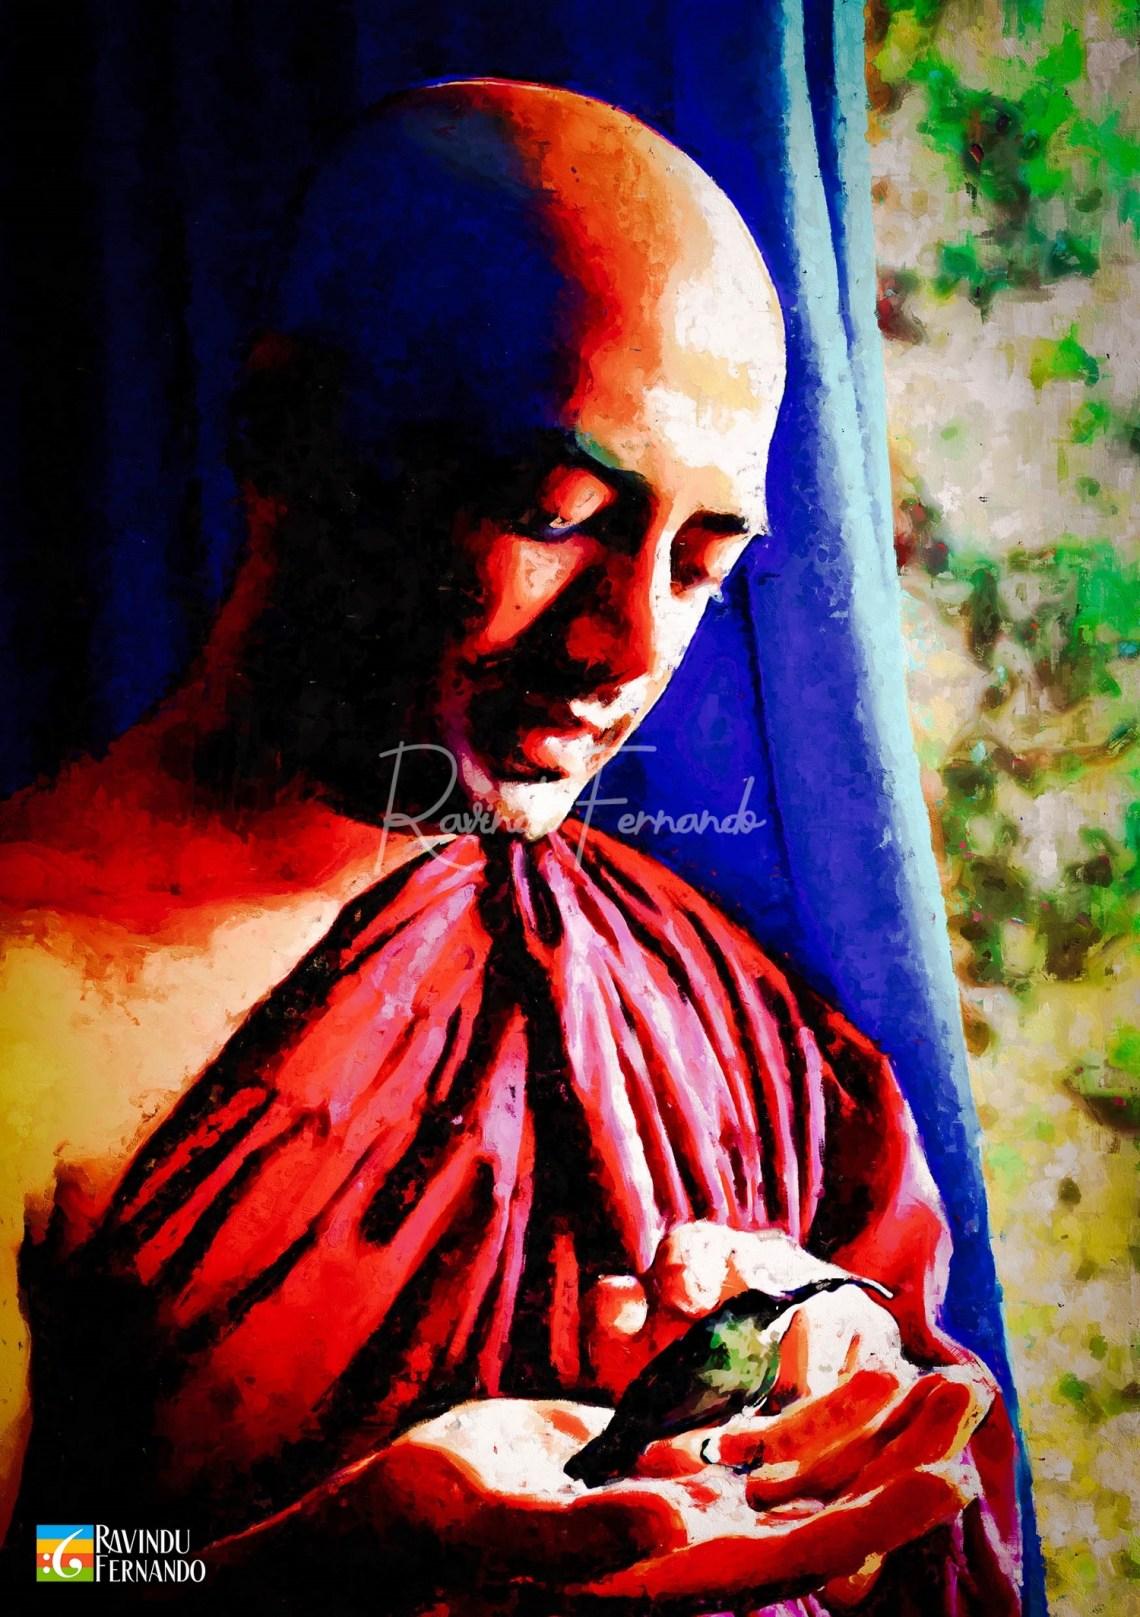 Bhante Sankichcha Digital Oil Painting by Ravindu Fernando